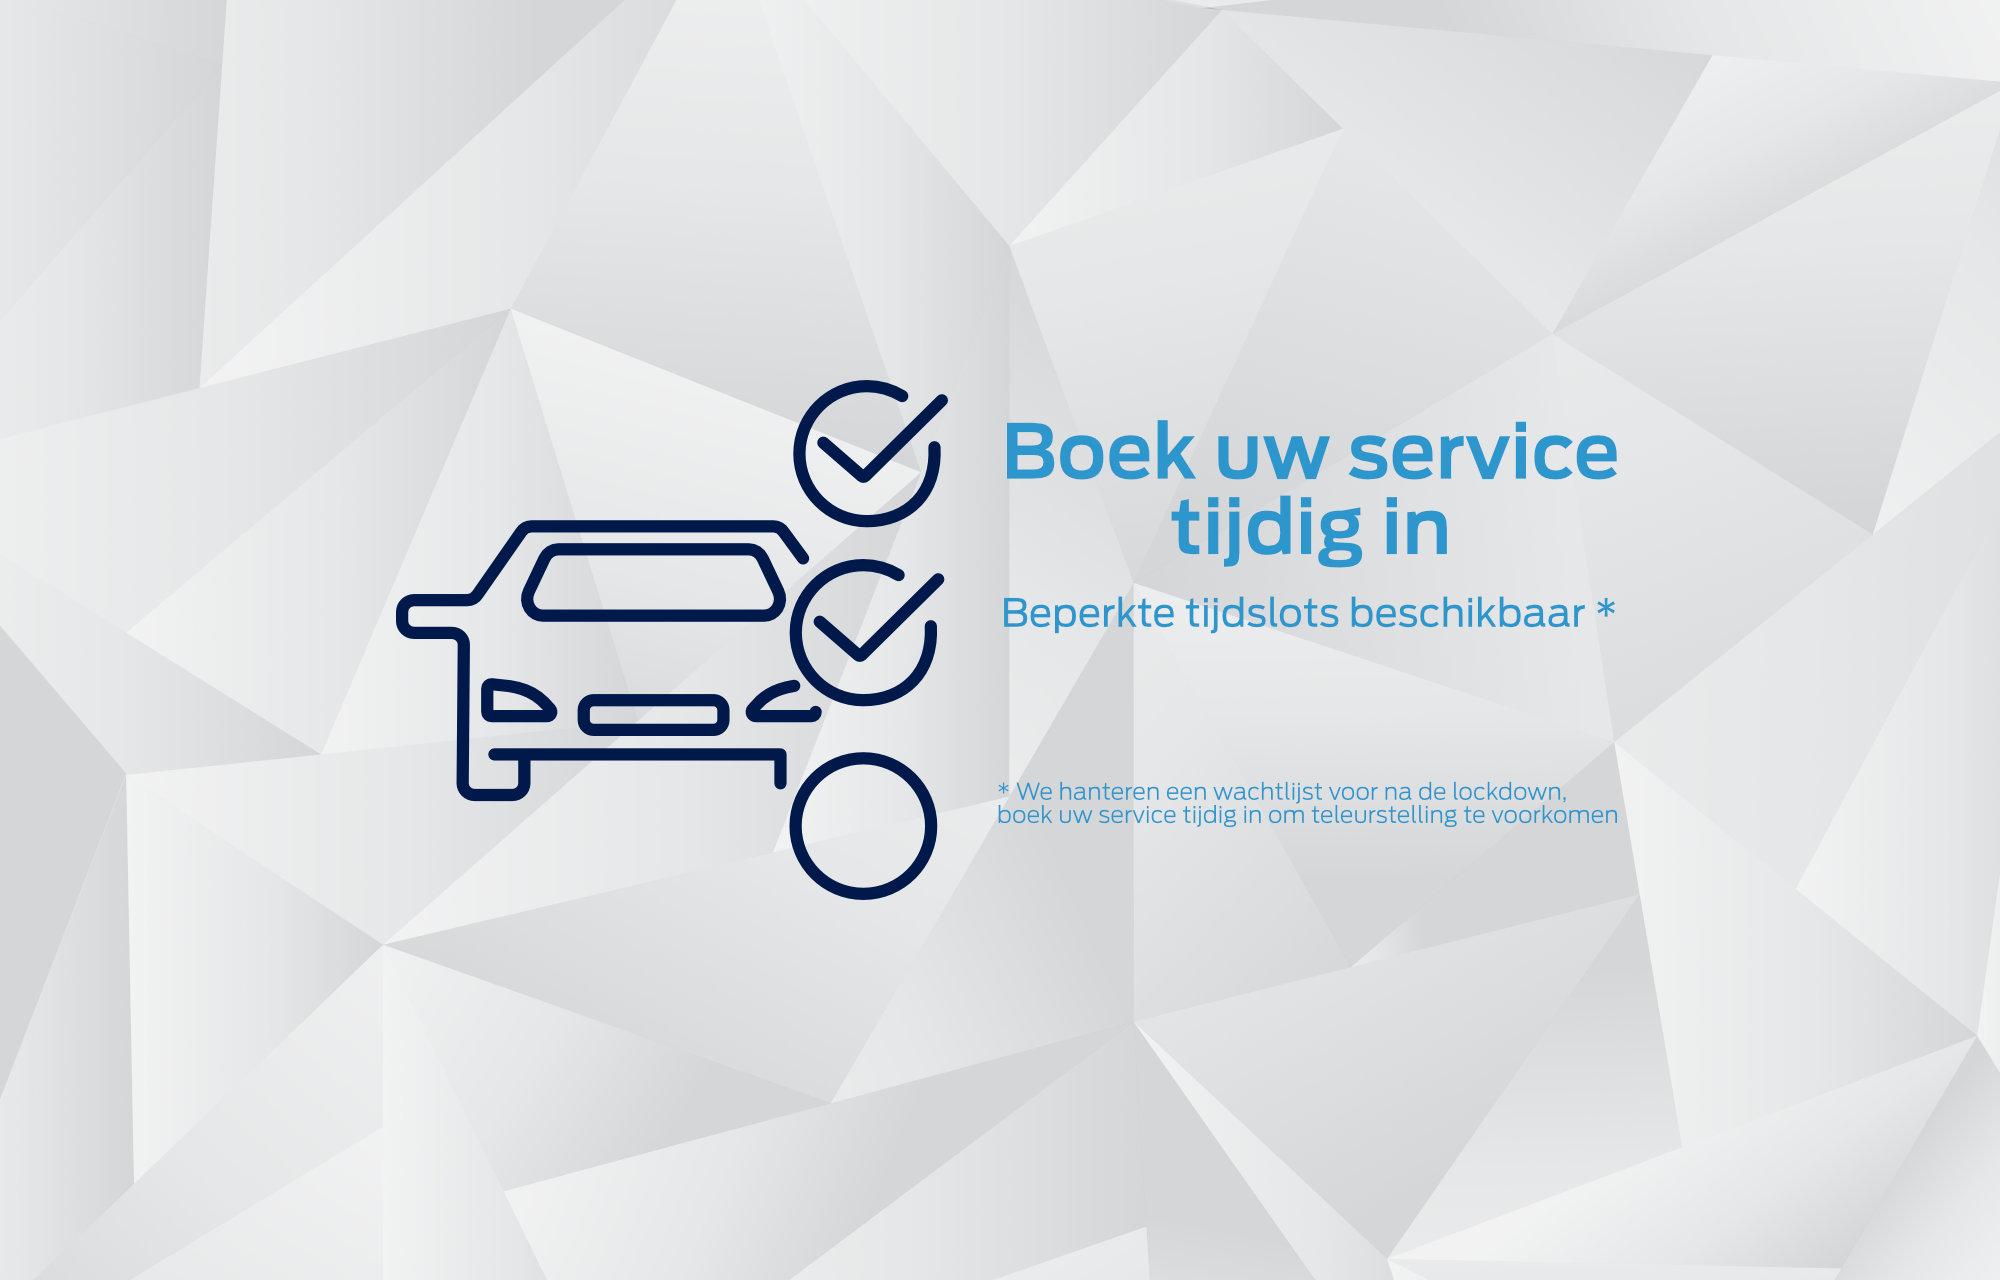 Boek uw service tijdig in!